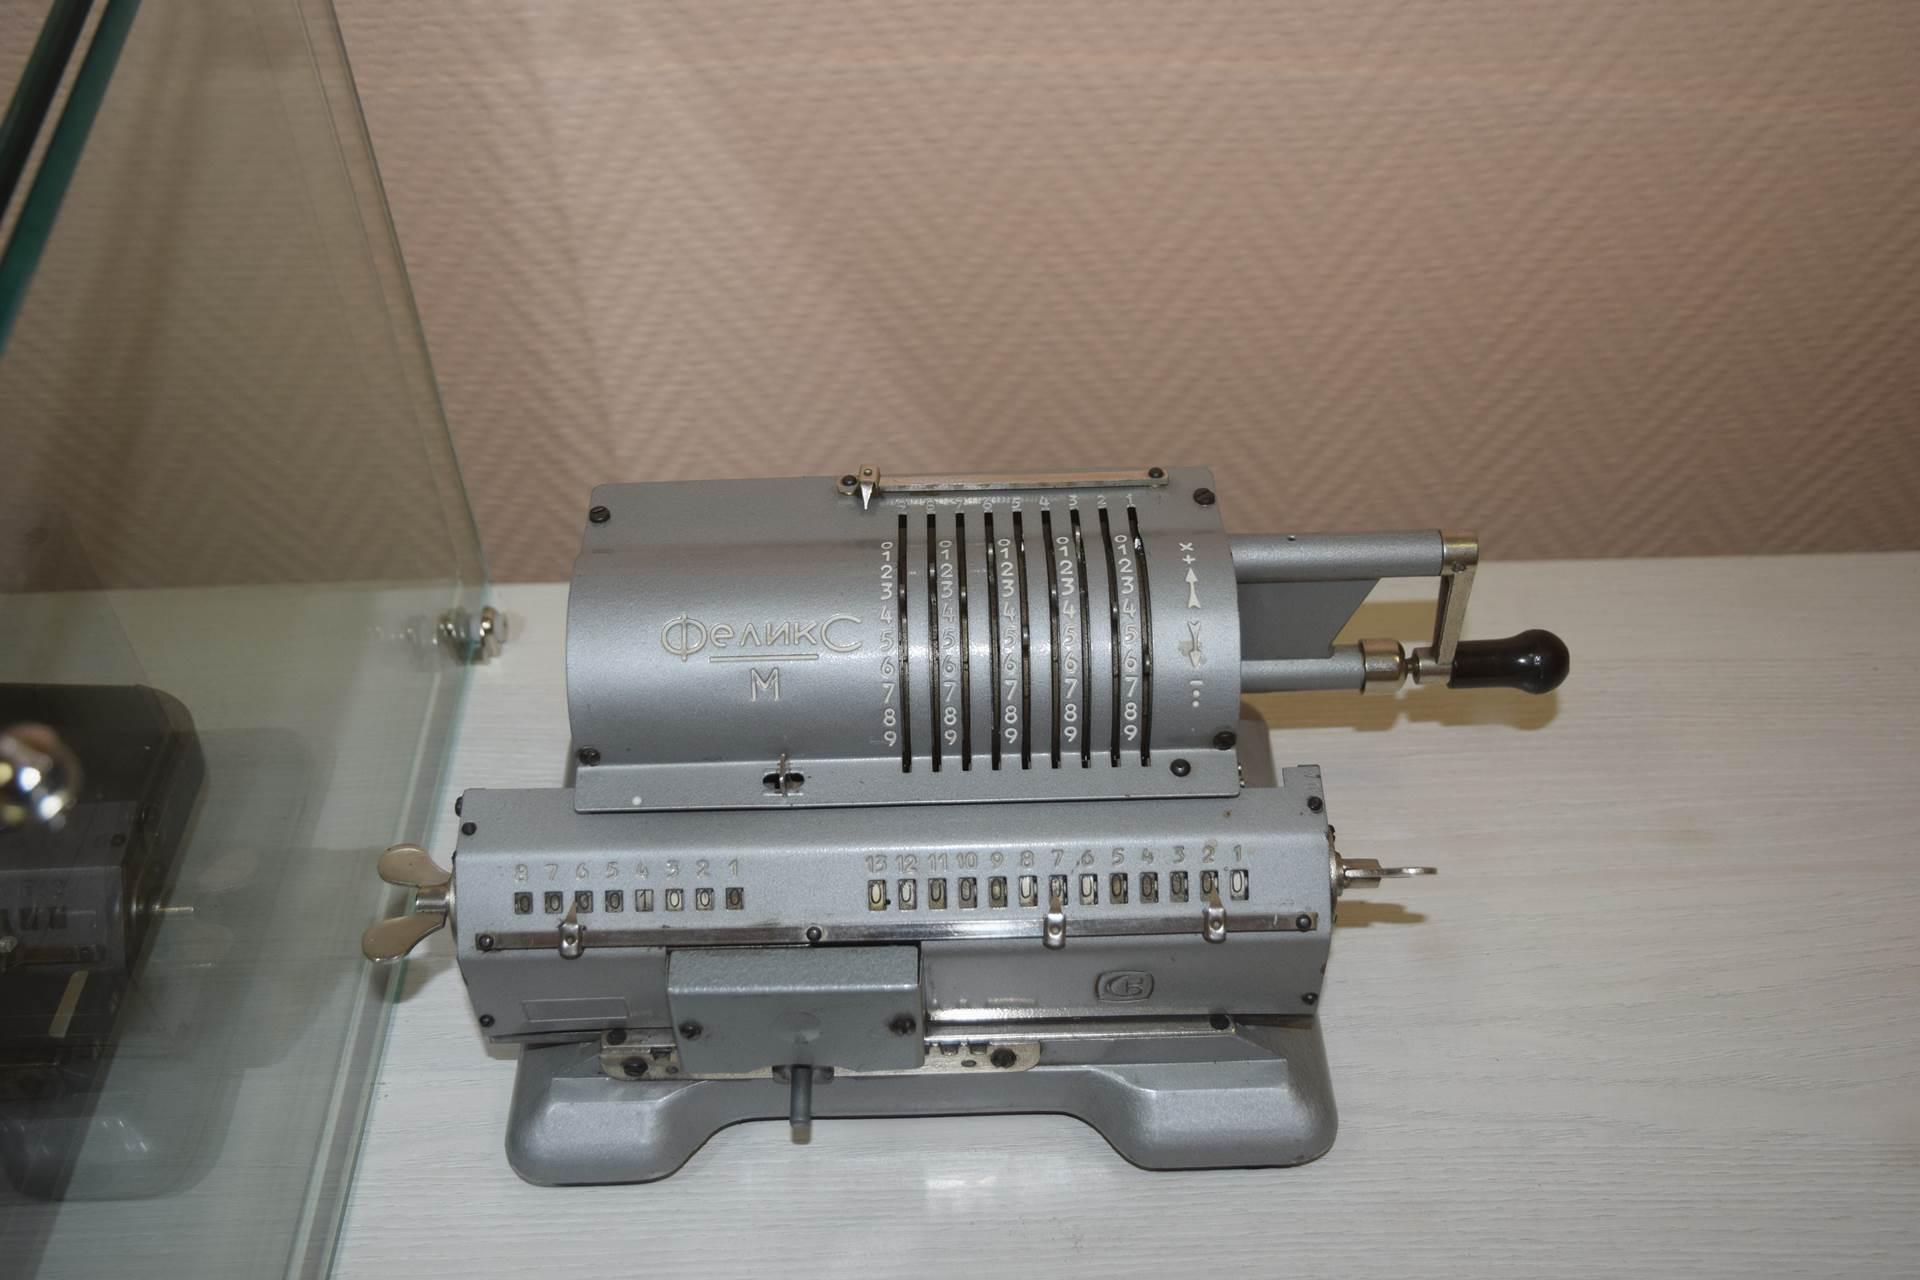 «Феликс» — самый распространённый в СССР арифмометр. Назван в честь Феликса Дзержинского